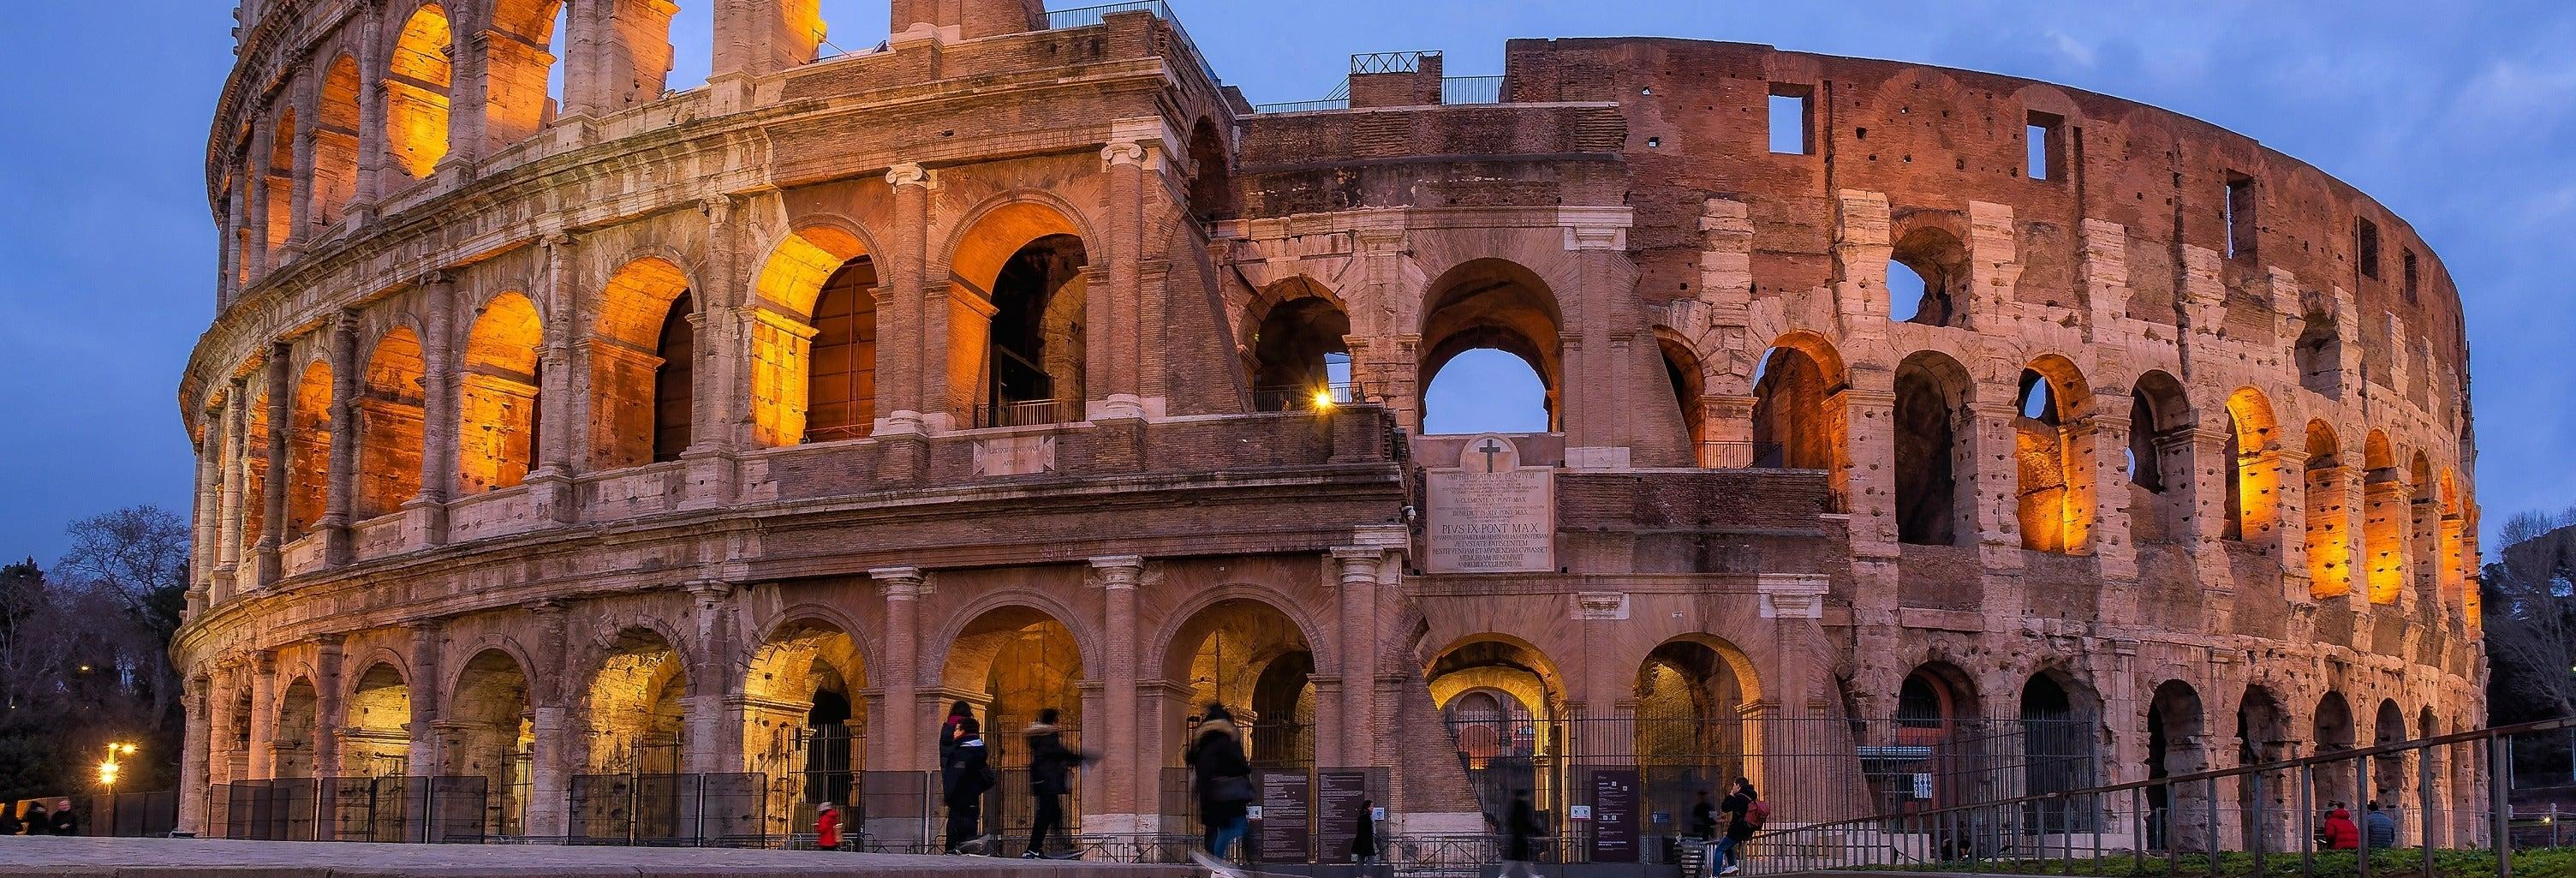 Traslados en Roma